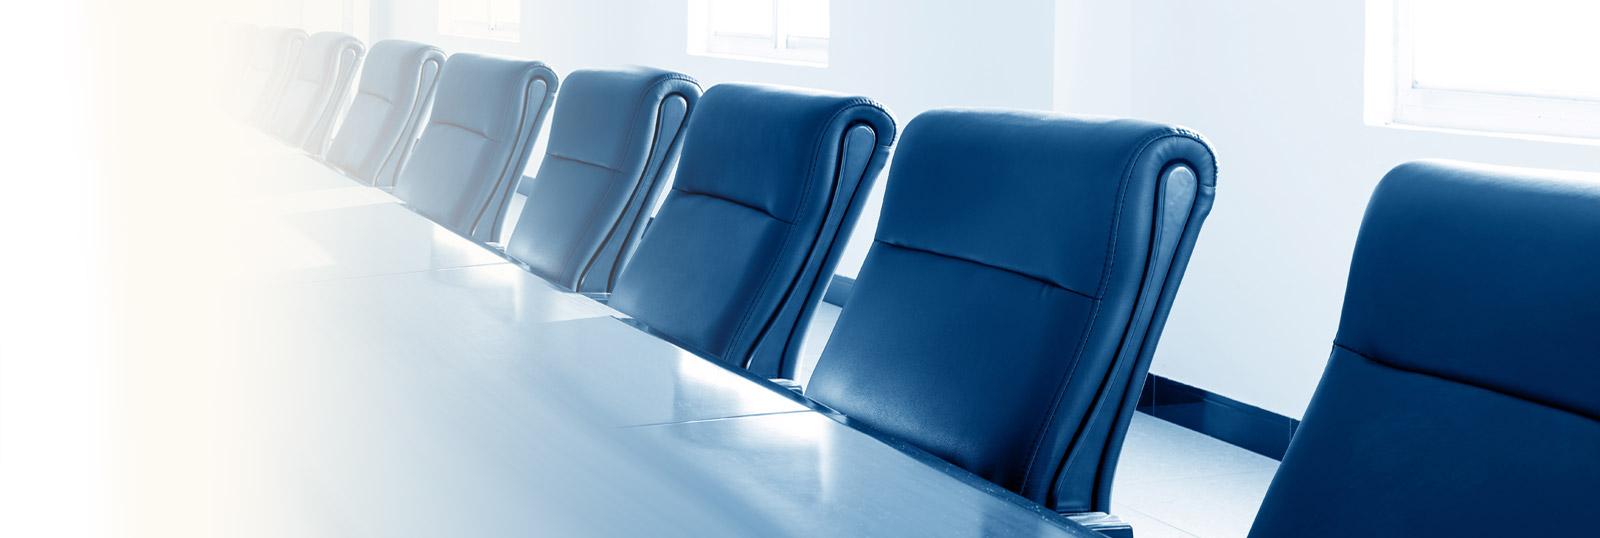 Mesa de reuniones-Asofidom